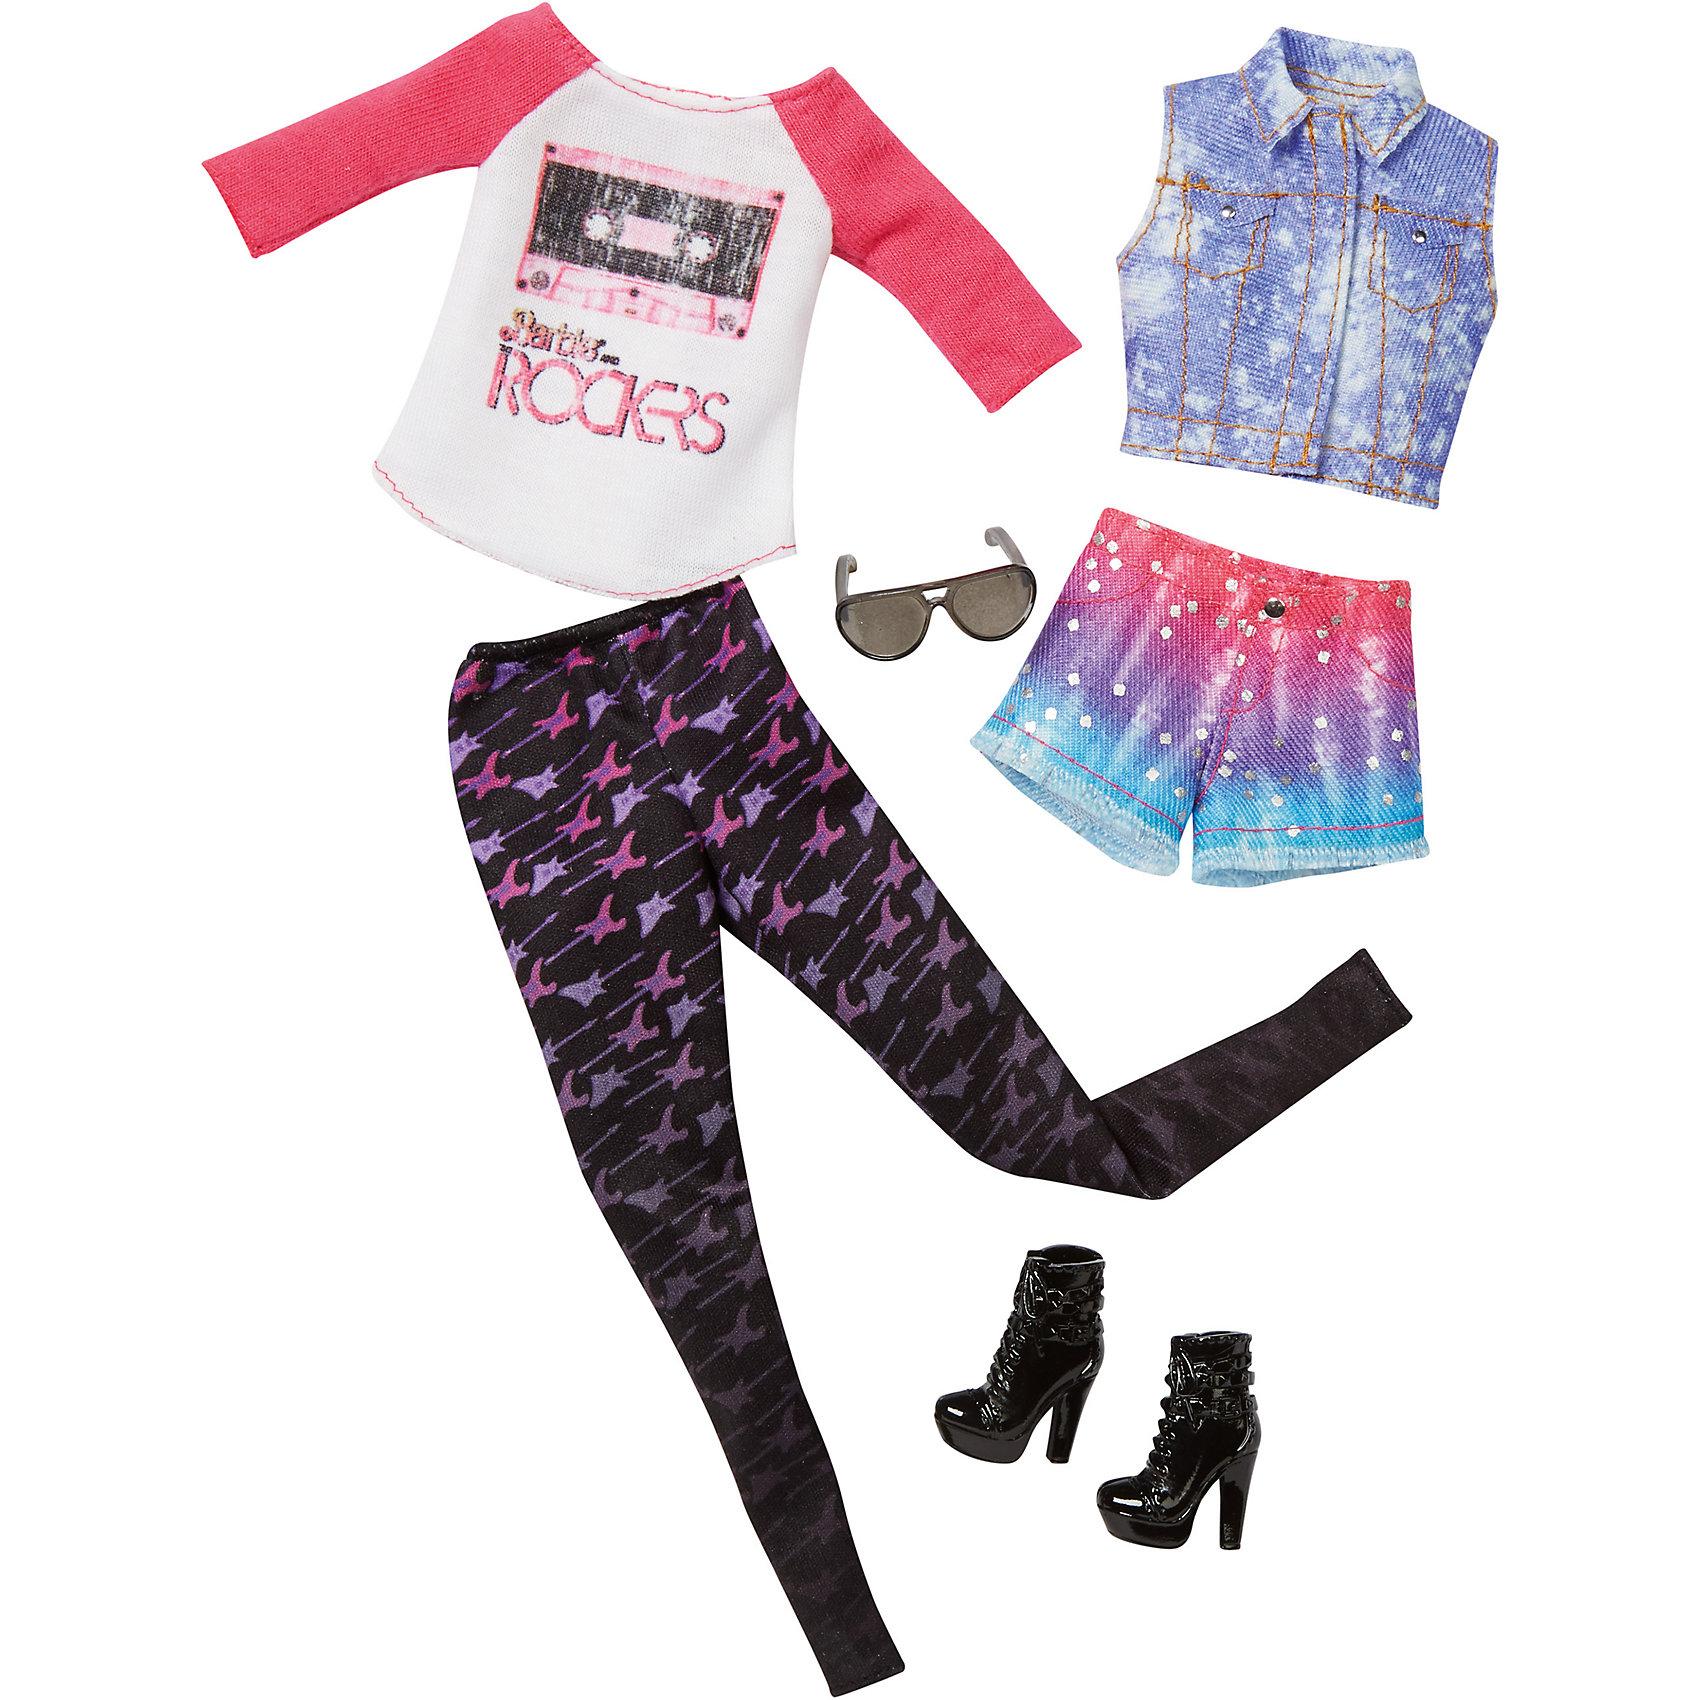 Набор модной одежды, BarbieНабор одежды для куклы Barbie (Барби) - отличный вариант подарка для любительницы этих кукол. В набор входят два сочетающихся между собой комплекта одежды (всего 4 предмета) по мотивам реальных модных тенденций, пара туфель и элегантная сумочка. Предметы из разных комплектов можно комбинировать, создавая новые шикарные образы для любимой куклы.<br>Такие игрушки помогают развить мелкую моторику, логическое мышление и воображение ребенка. Эта игрушка выполнена из текстиля и высококачественного прочного пластика, безопасного для детей, отлично детализирована.<br><br>Дополнительная информация:<br><br>комплектация: два комплекта одежды (всего 4 предмета), пара туфель и сумочка; <br>цвет: разноцветный;<br>материал: пластик, текстиль;<br>размер упаковки: 27,5 х 2,5 х 25,5 см;<br>кукла продается отдельно!<br><br>Набор модной одежды, Barbie от компании Mattel можно купить в нашем магазине.<br><br>Ширина мм: 283<br>Глубина мм: 253<br>Высота мм: 27<br>Вес г: 114<br>Возраст от месяцев: 36<br>Возраст до месяцев: 8<br>Пол: Женский<br>Возраст: Детский<br>SKU: 4791075